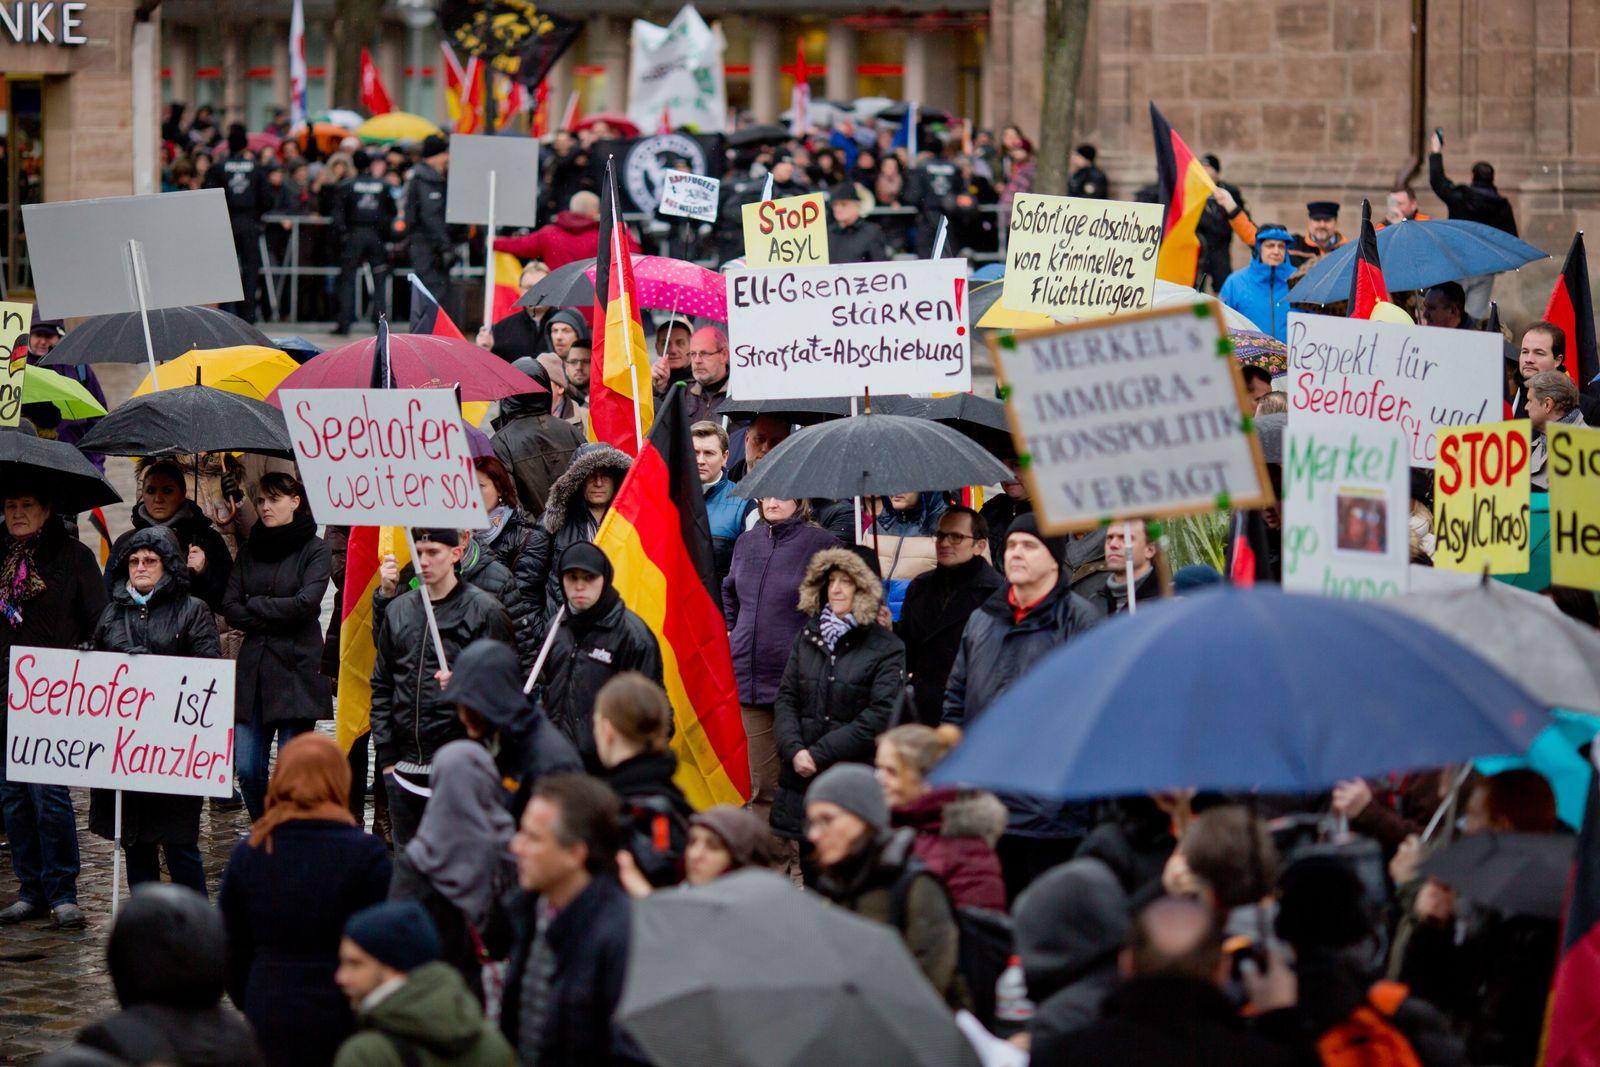 Russlanddeutsche / Demonstration / Sichere Heimat